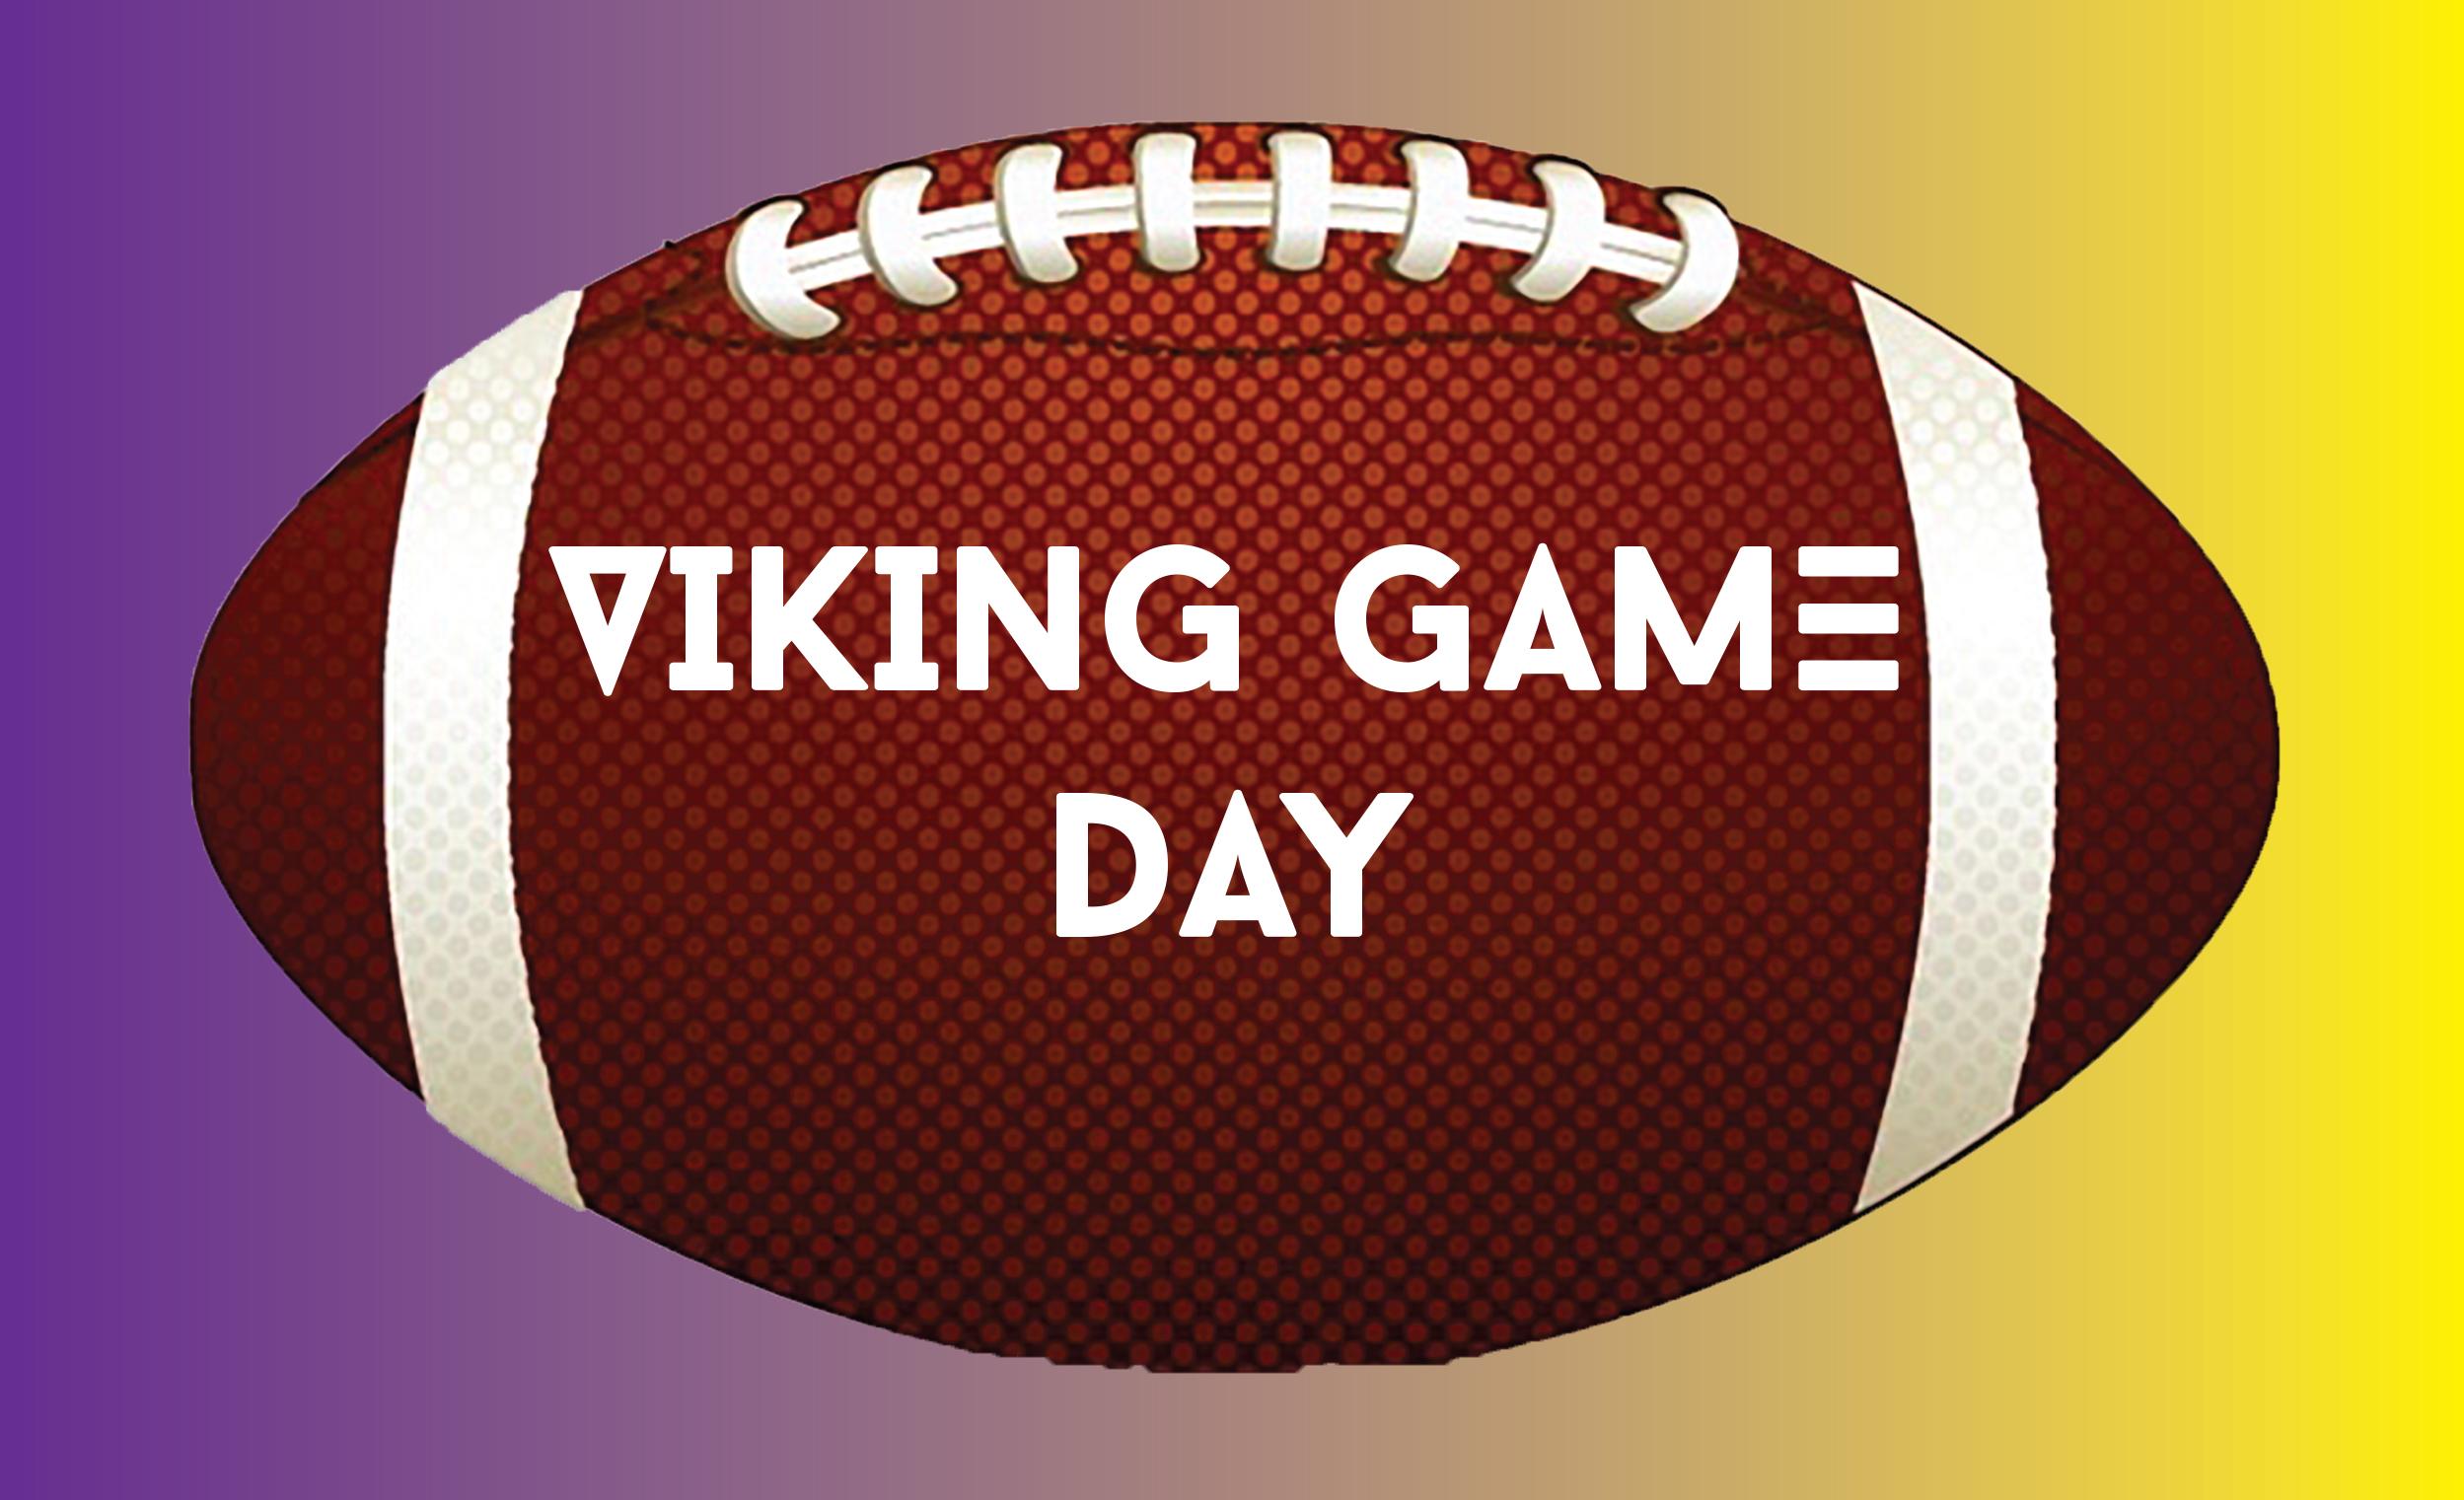 viking game day.jpg